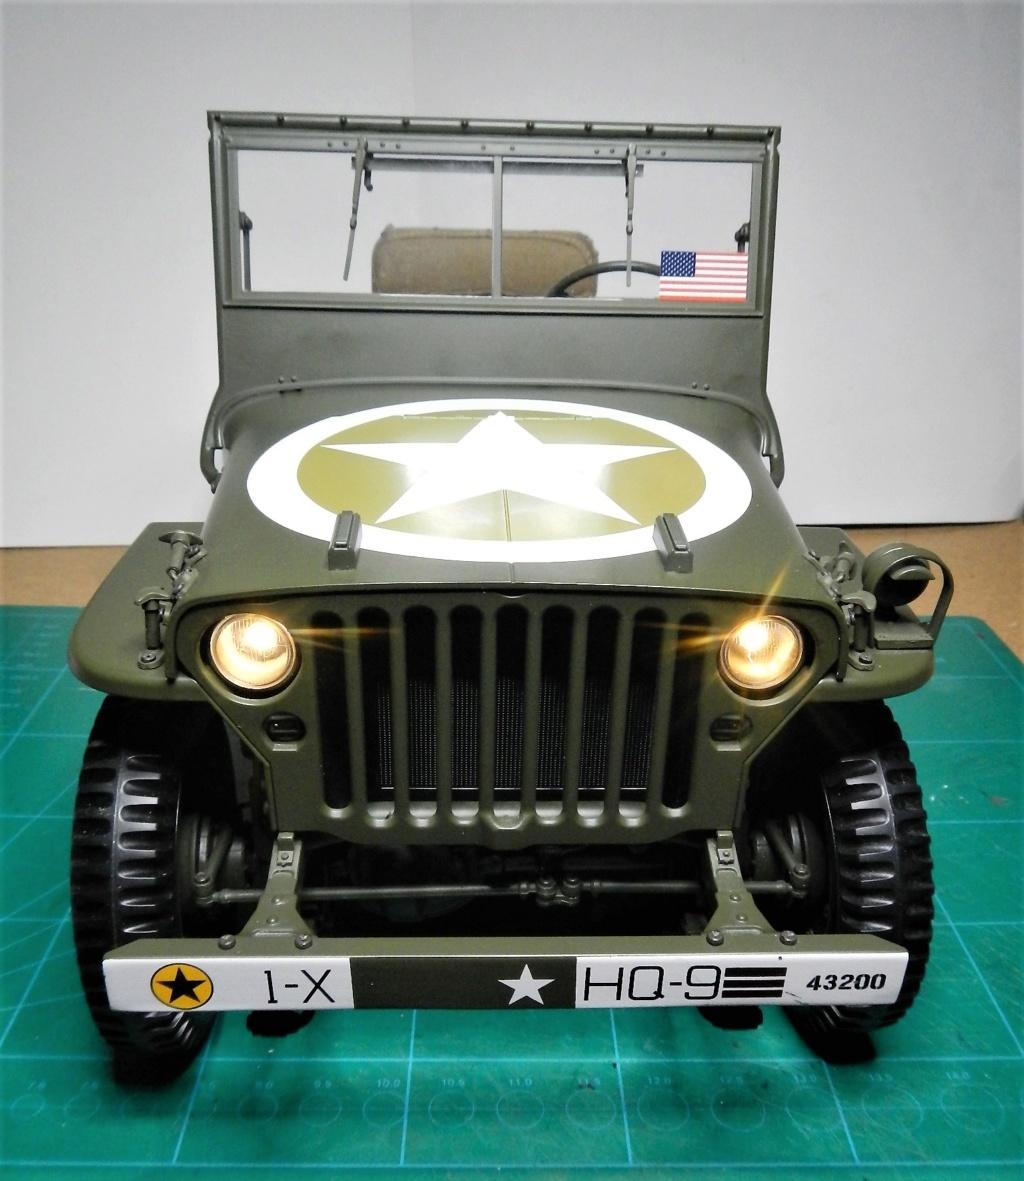 Jeep Willys - 1/8ème - Ed. Hachette - Construction par Glénans (Partie 1) - Page 40 Dscn9229